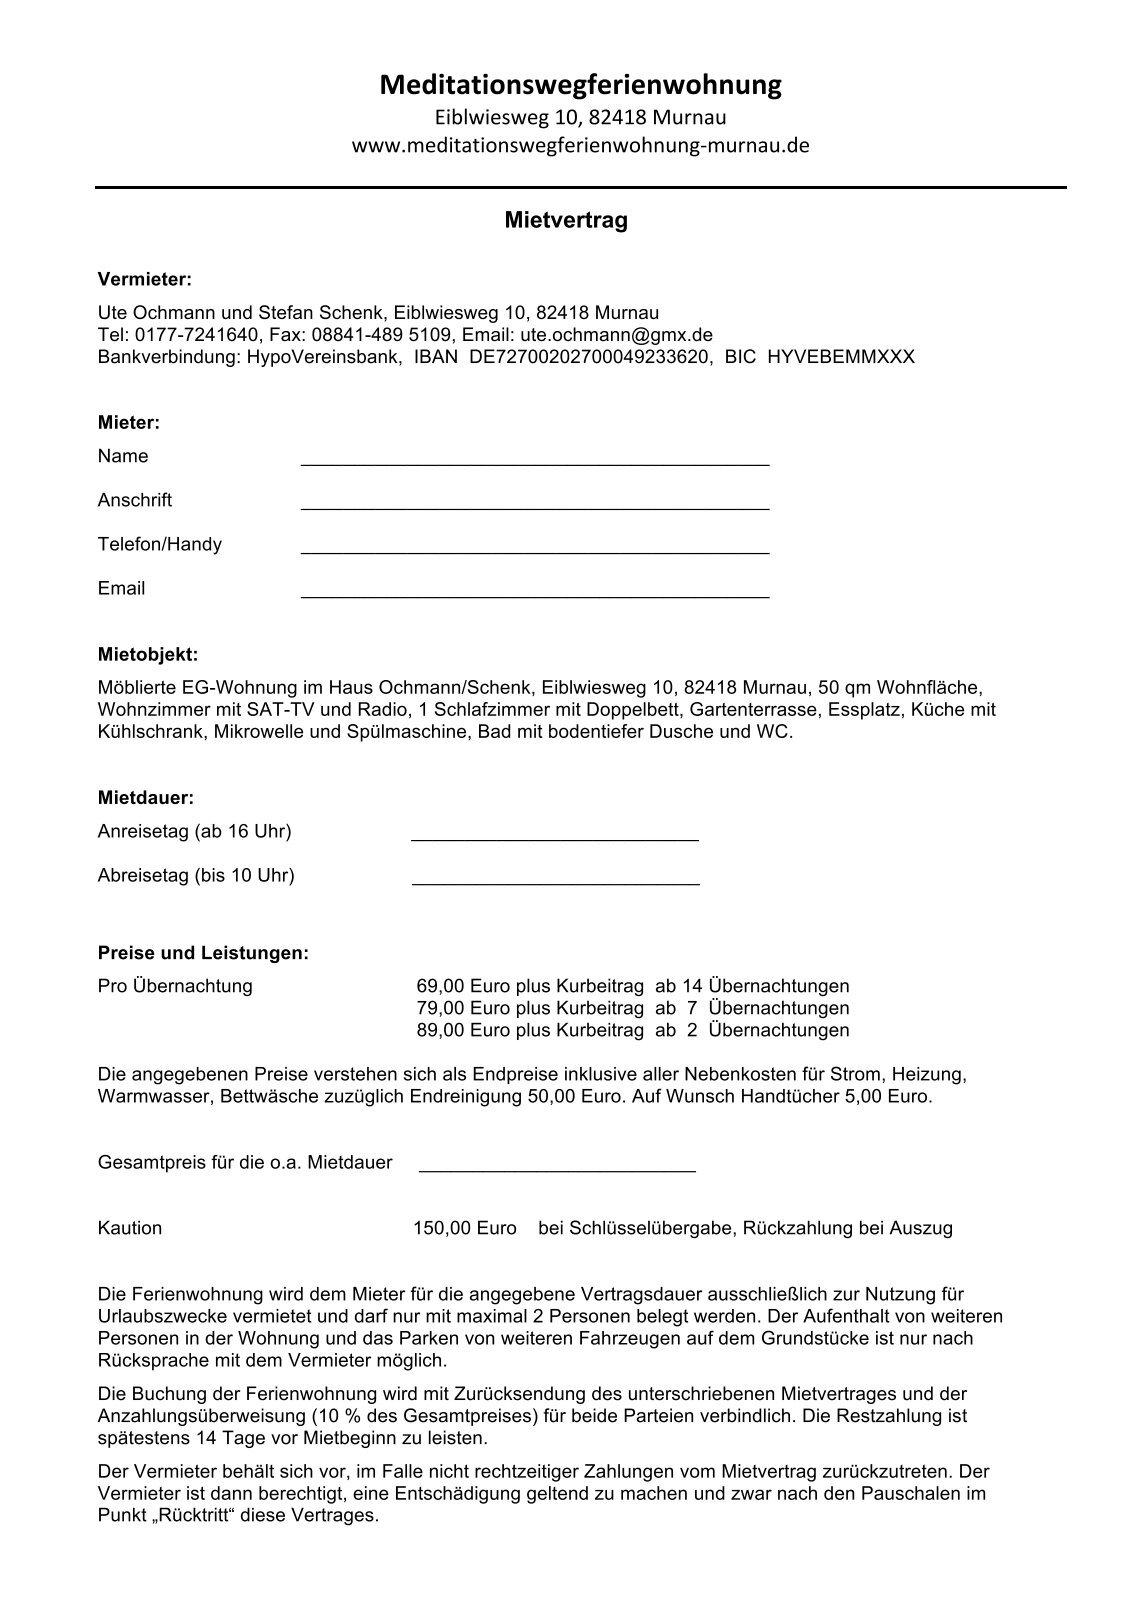 Berühmt Mietvertragsvorlage Für Ferien Ideen - Beispiel Business ...